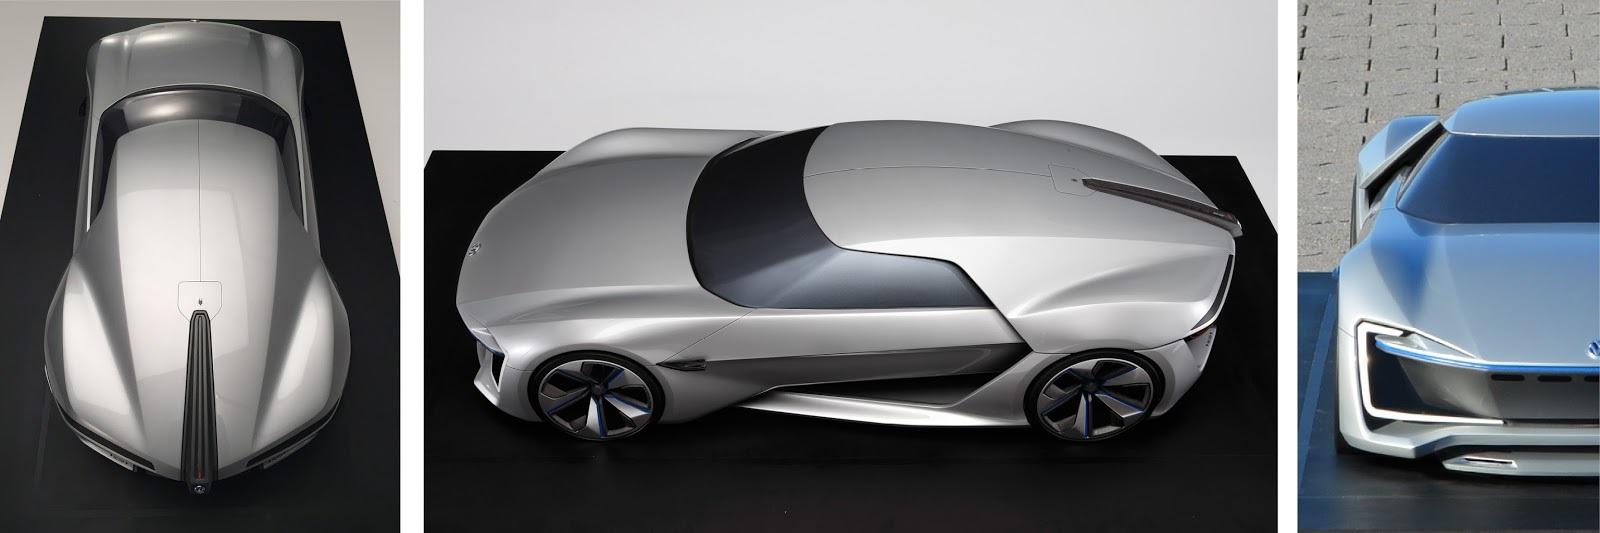 Volkswagen Gt Ge Concept 1 14